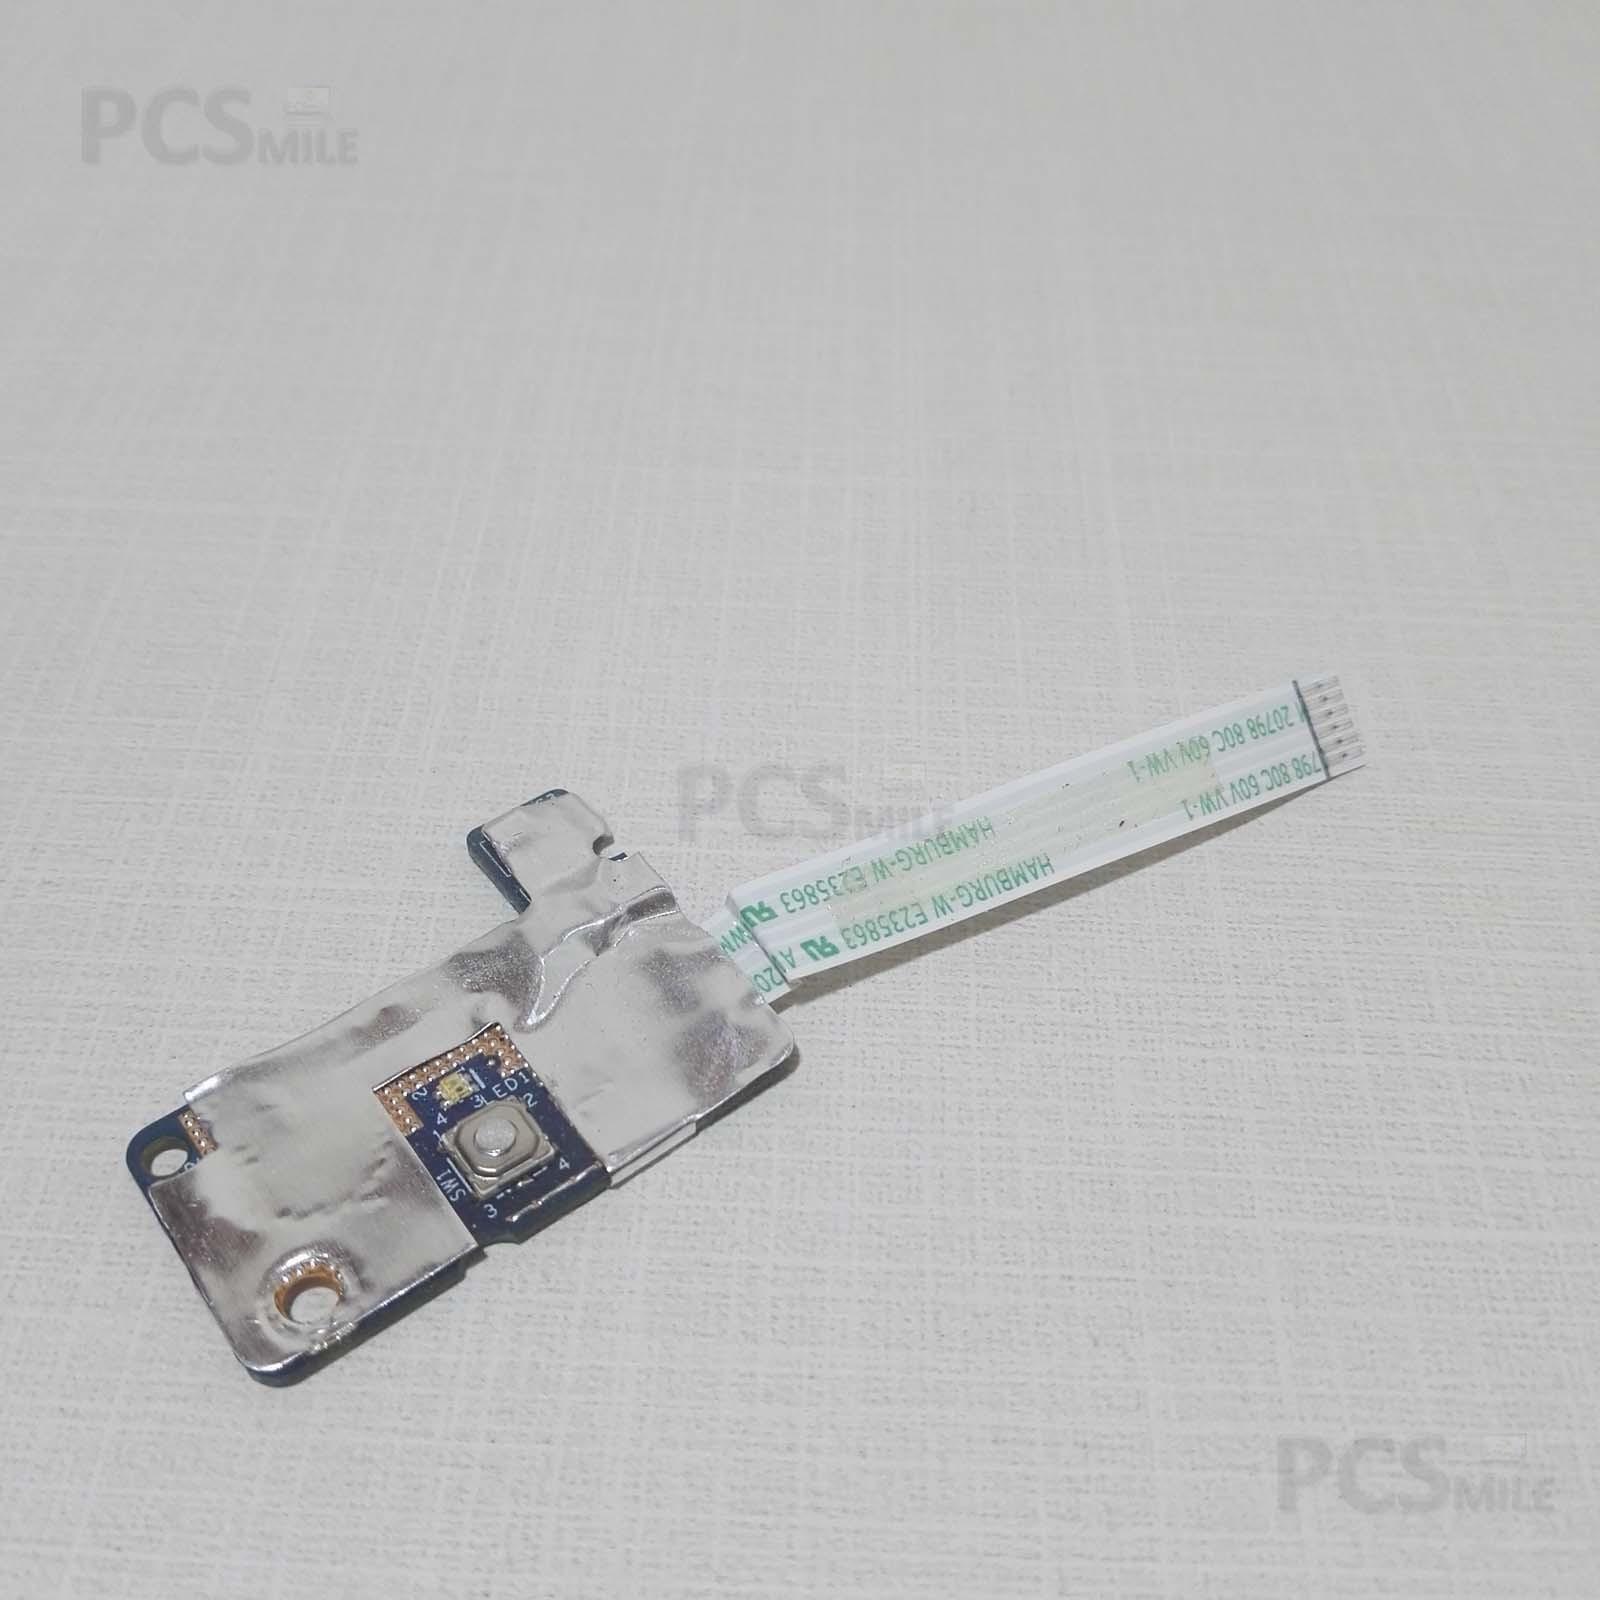 tasto WiFi LS-3735P Compaq Presario c700 Pulsante switch NBX00005O00